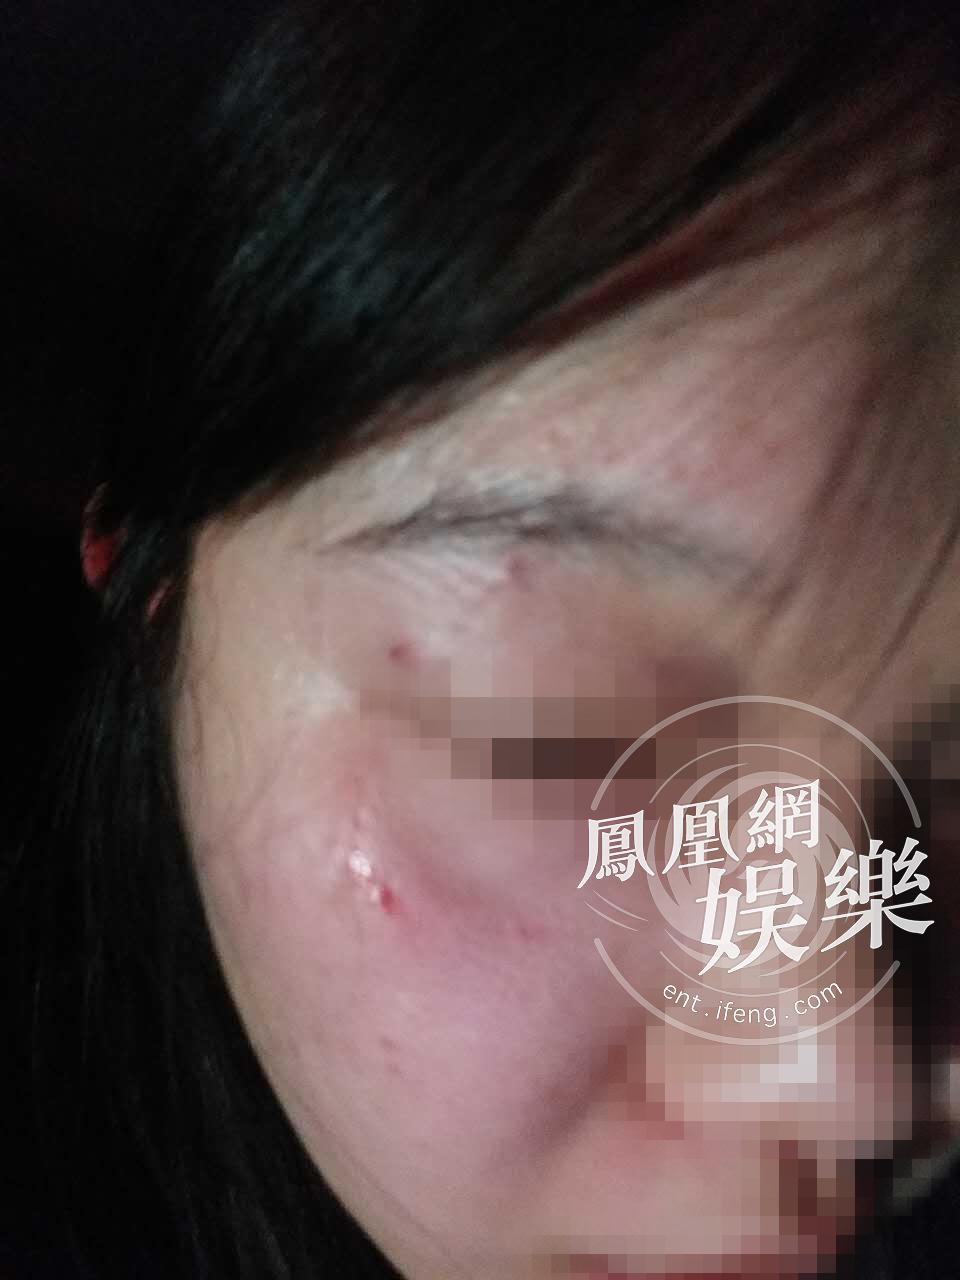 被殴女记者斥徐峥是缩头乌龟 徐峥还原经过 (图)